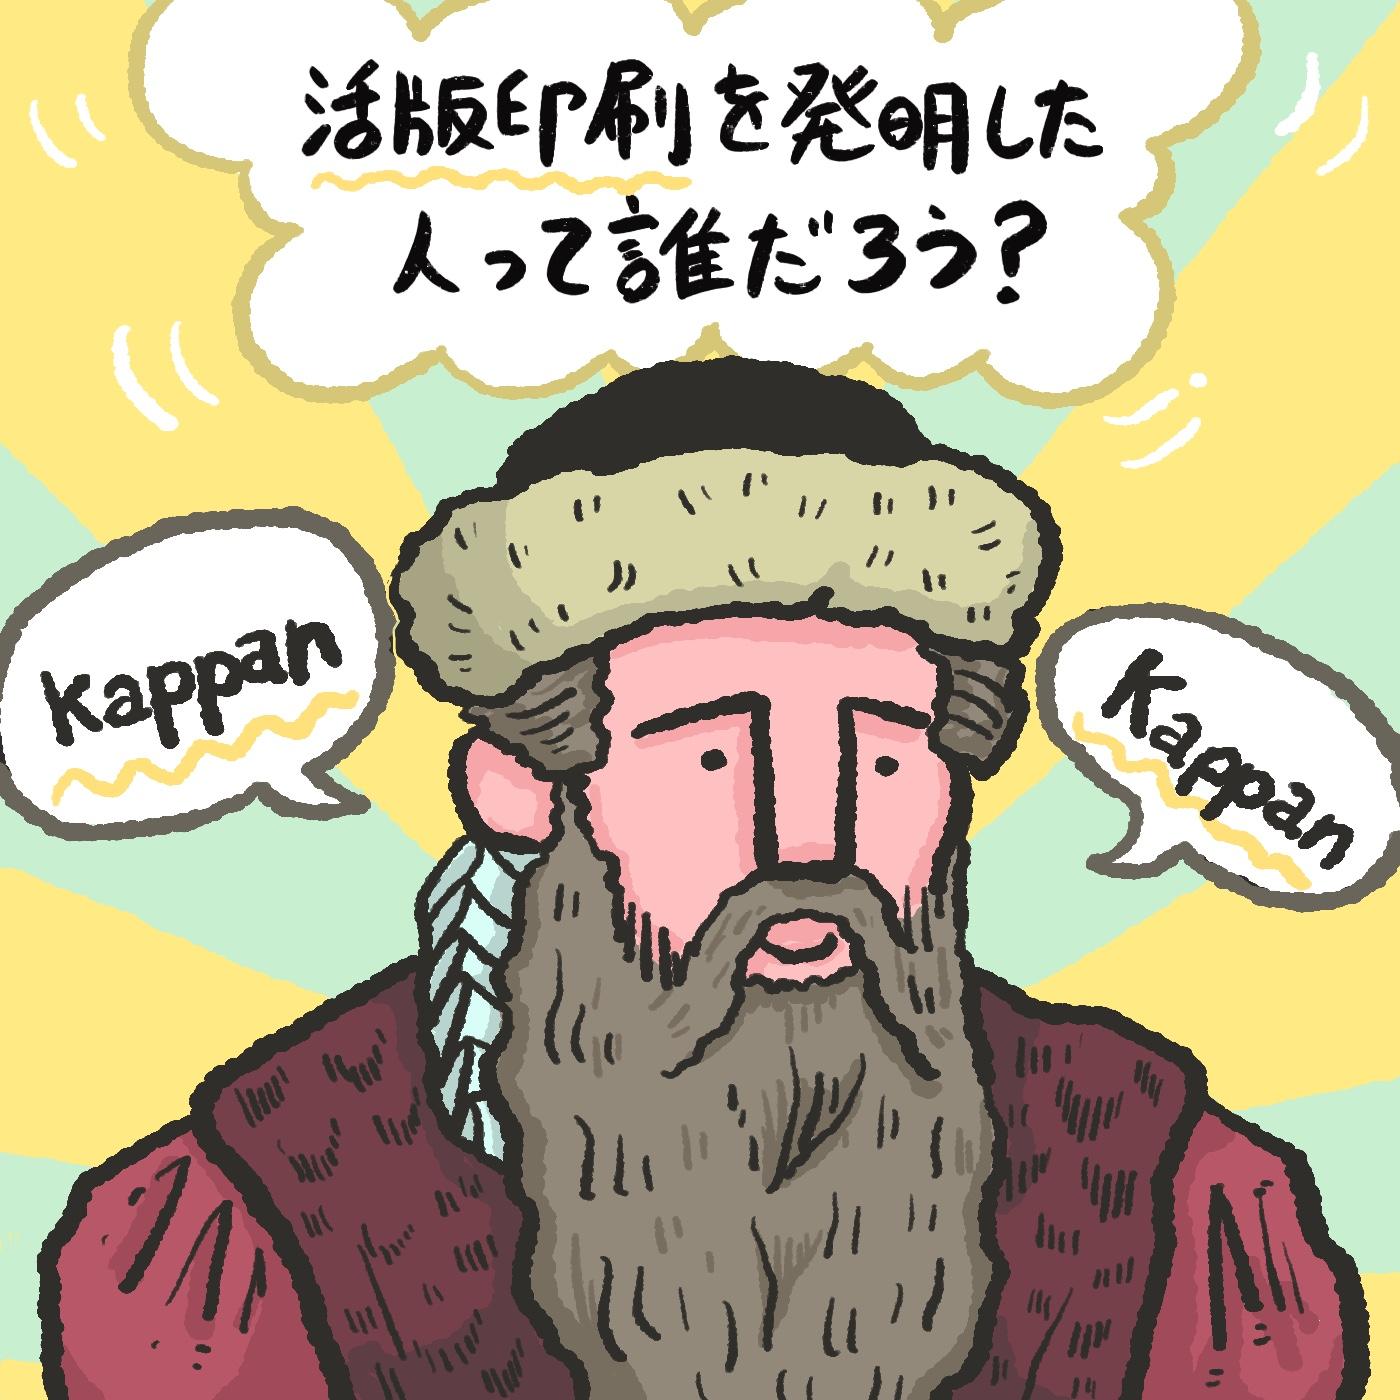 OBIKAKE ナニソレ グーテンベルク 藤野遼太